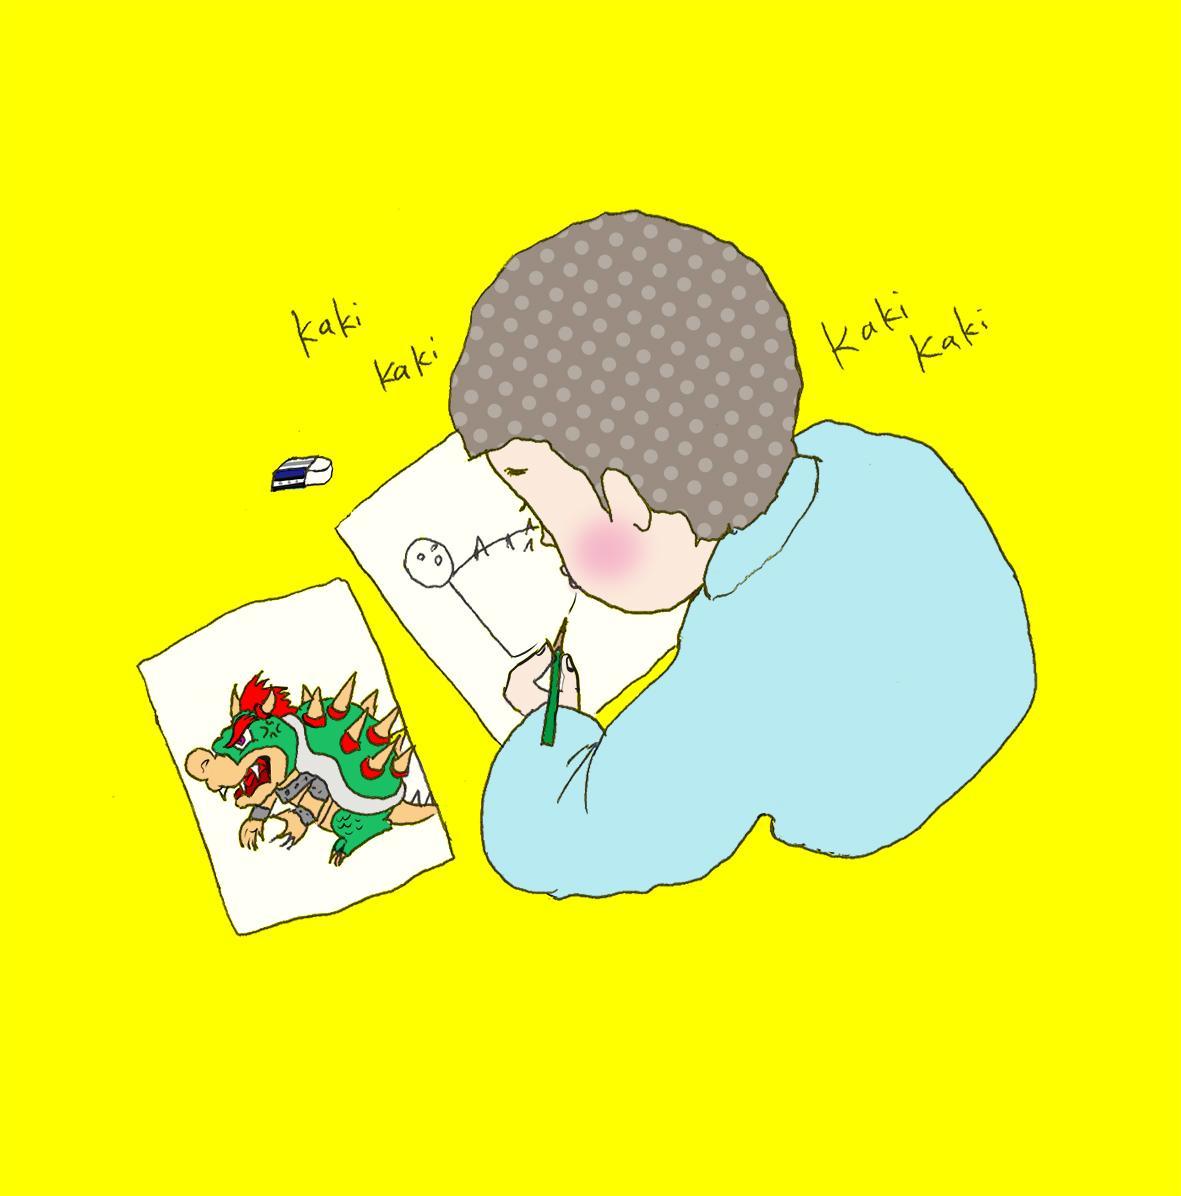 ゆるめ・オシャかわゆいイラスト描きます ちょいブサイクだけど、どこかファッショナブルな人物イラスト!